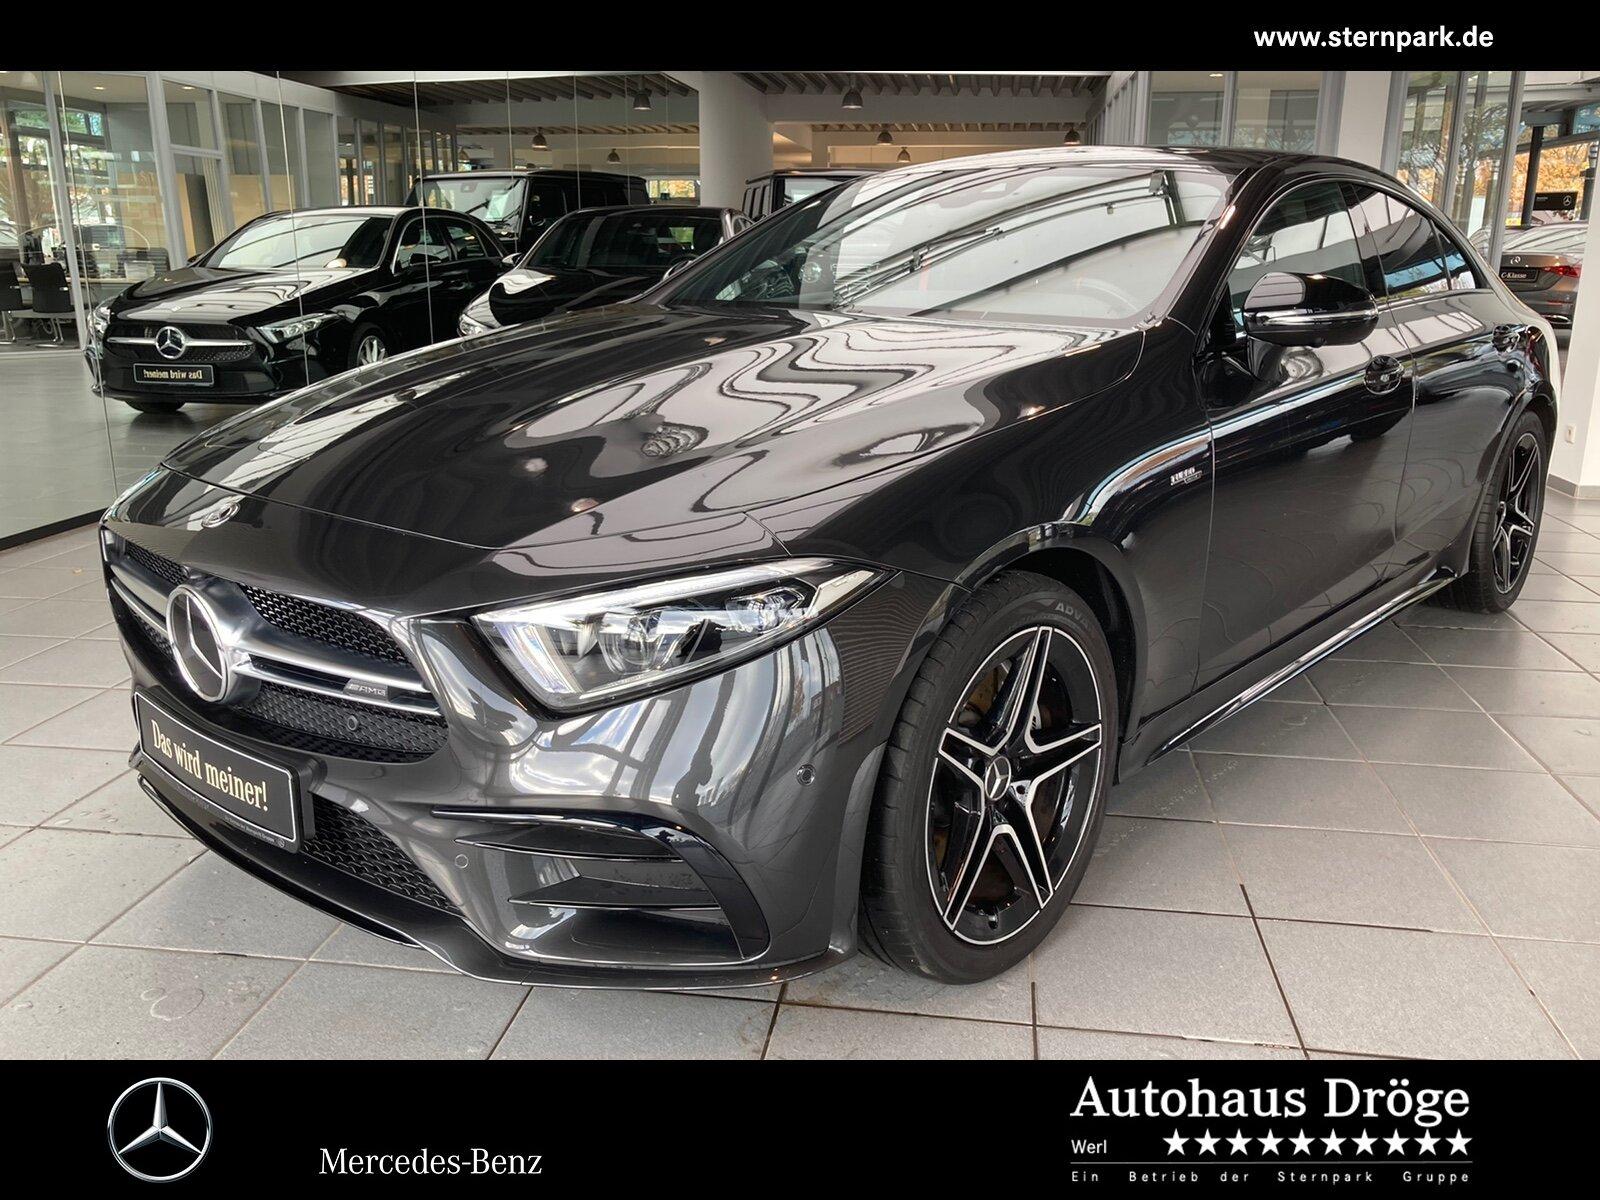 Mercedes-Benz CLS 53 4M+ AMG Standh*AbGas*Wide*Burmes*Sitzklim, Jahr 2020, Benzin